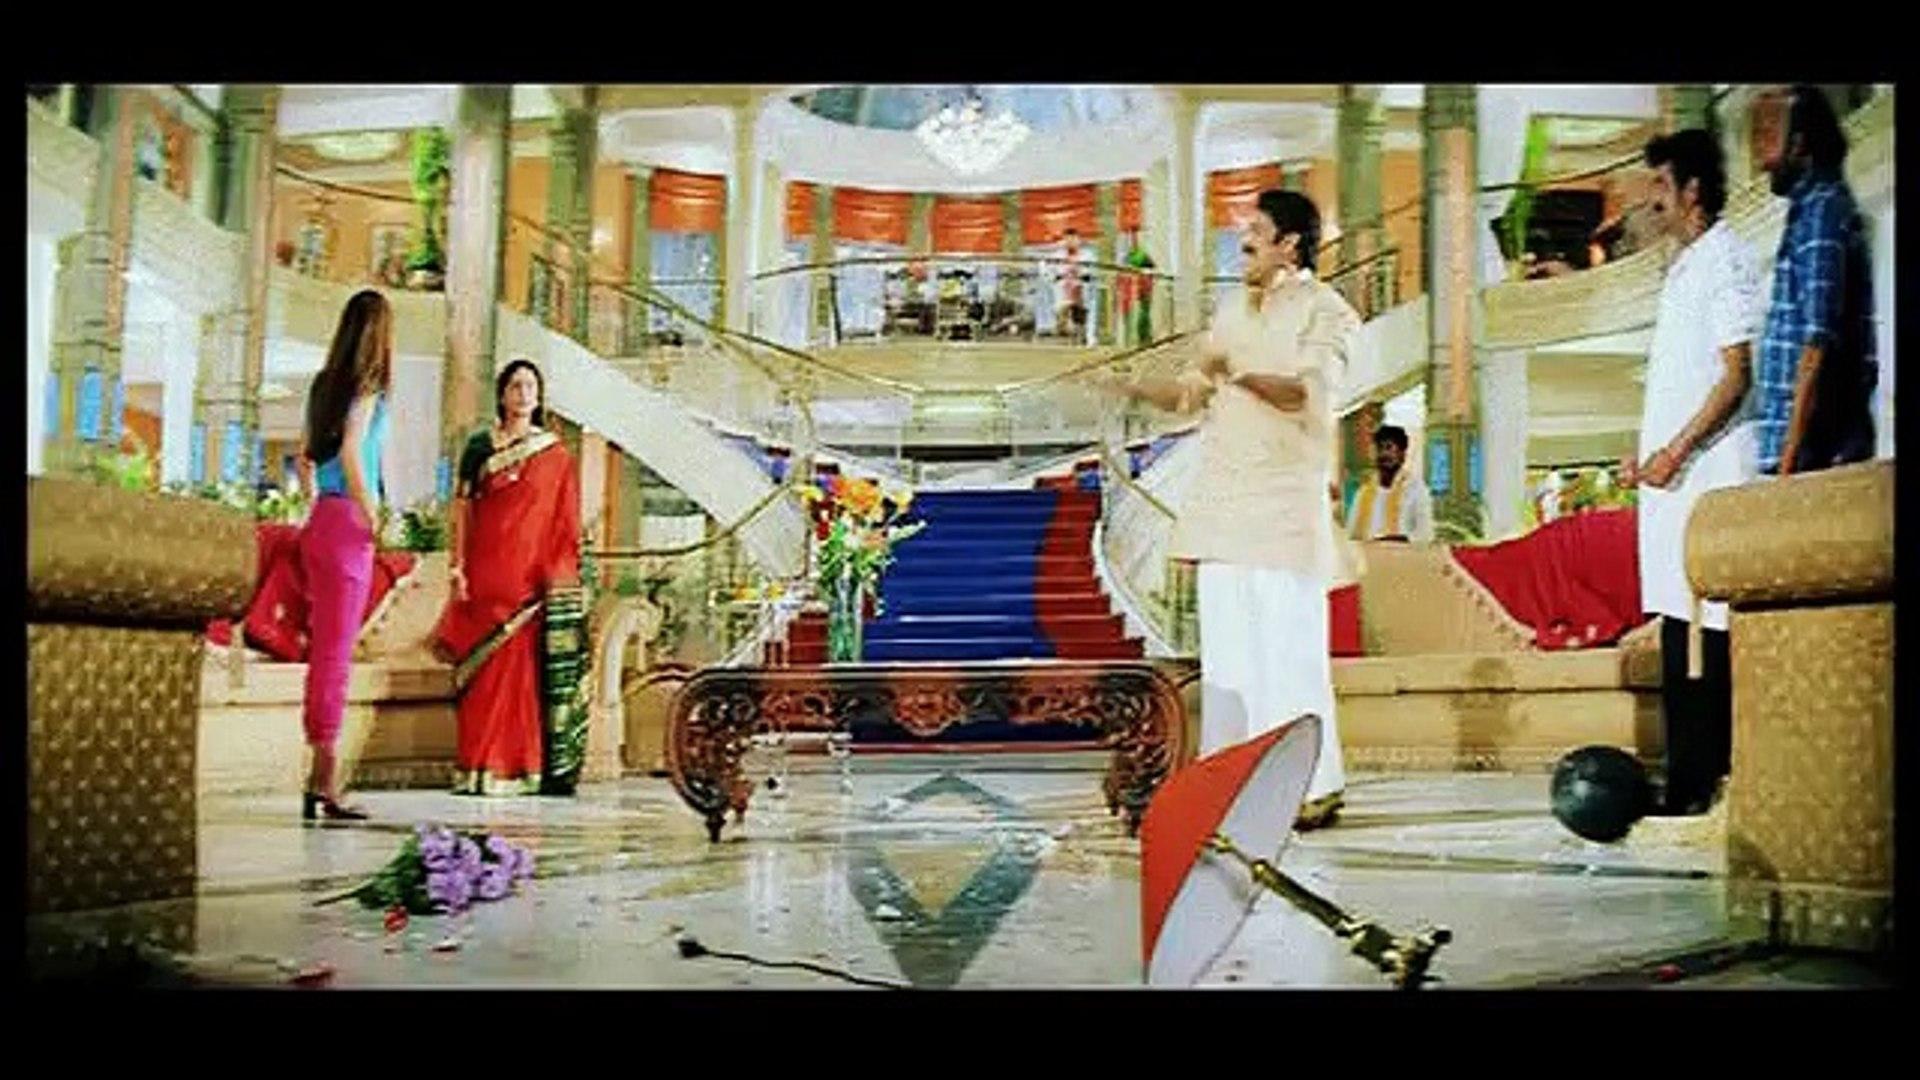 Bunny The Hero Bunny Full Hindi Dubbed Movie Allu Arjun Gowri Munjal Prakash Raj